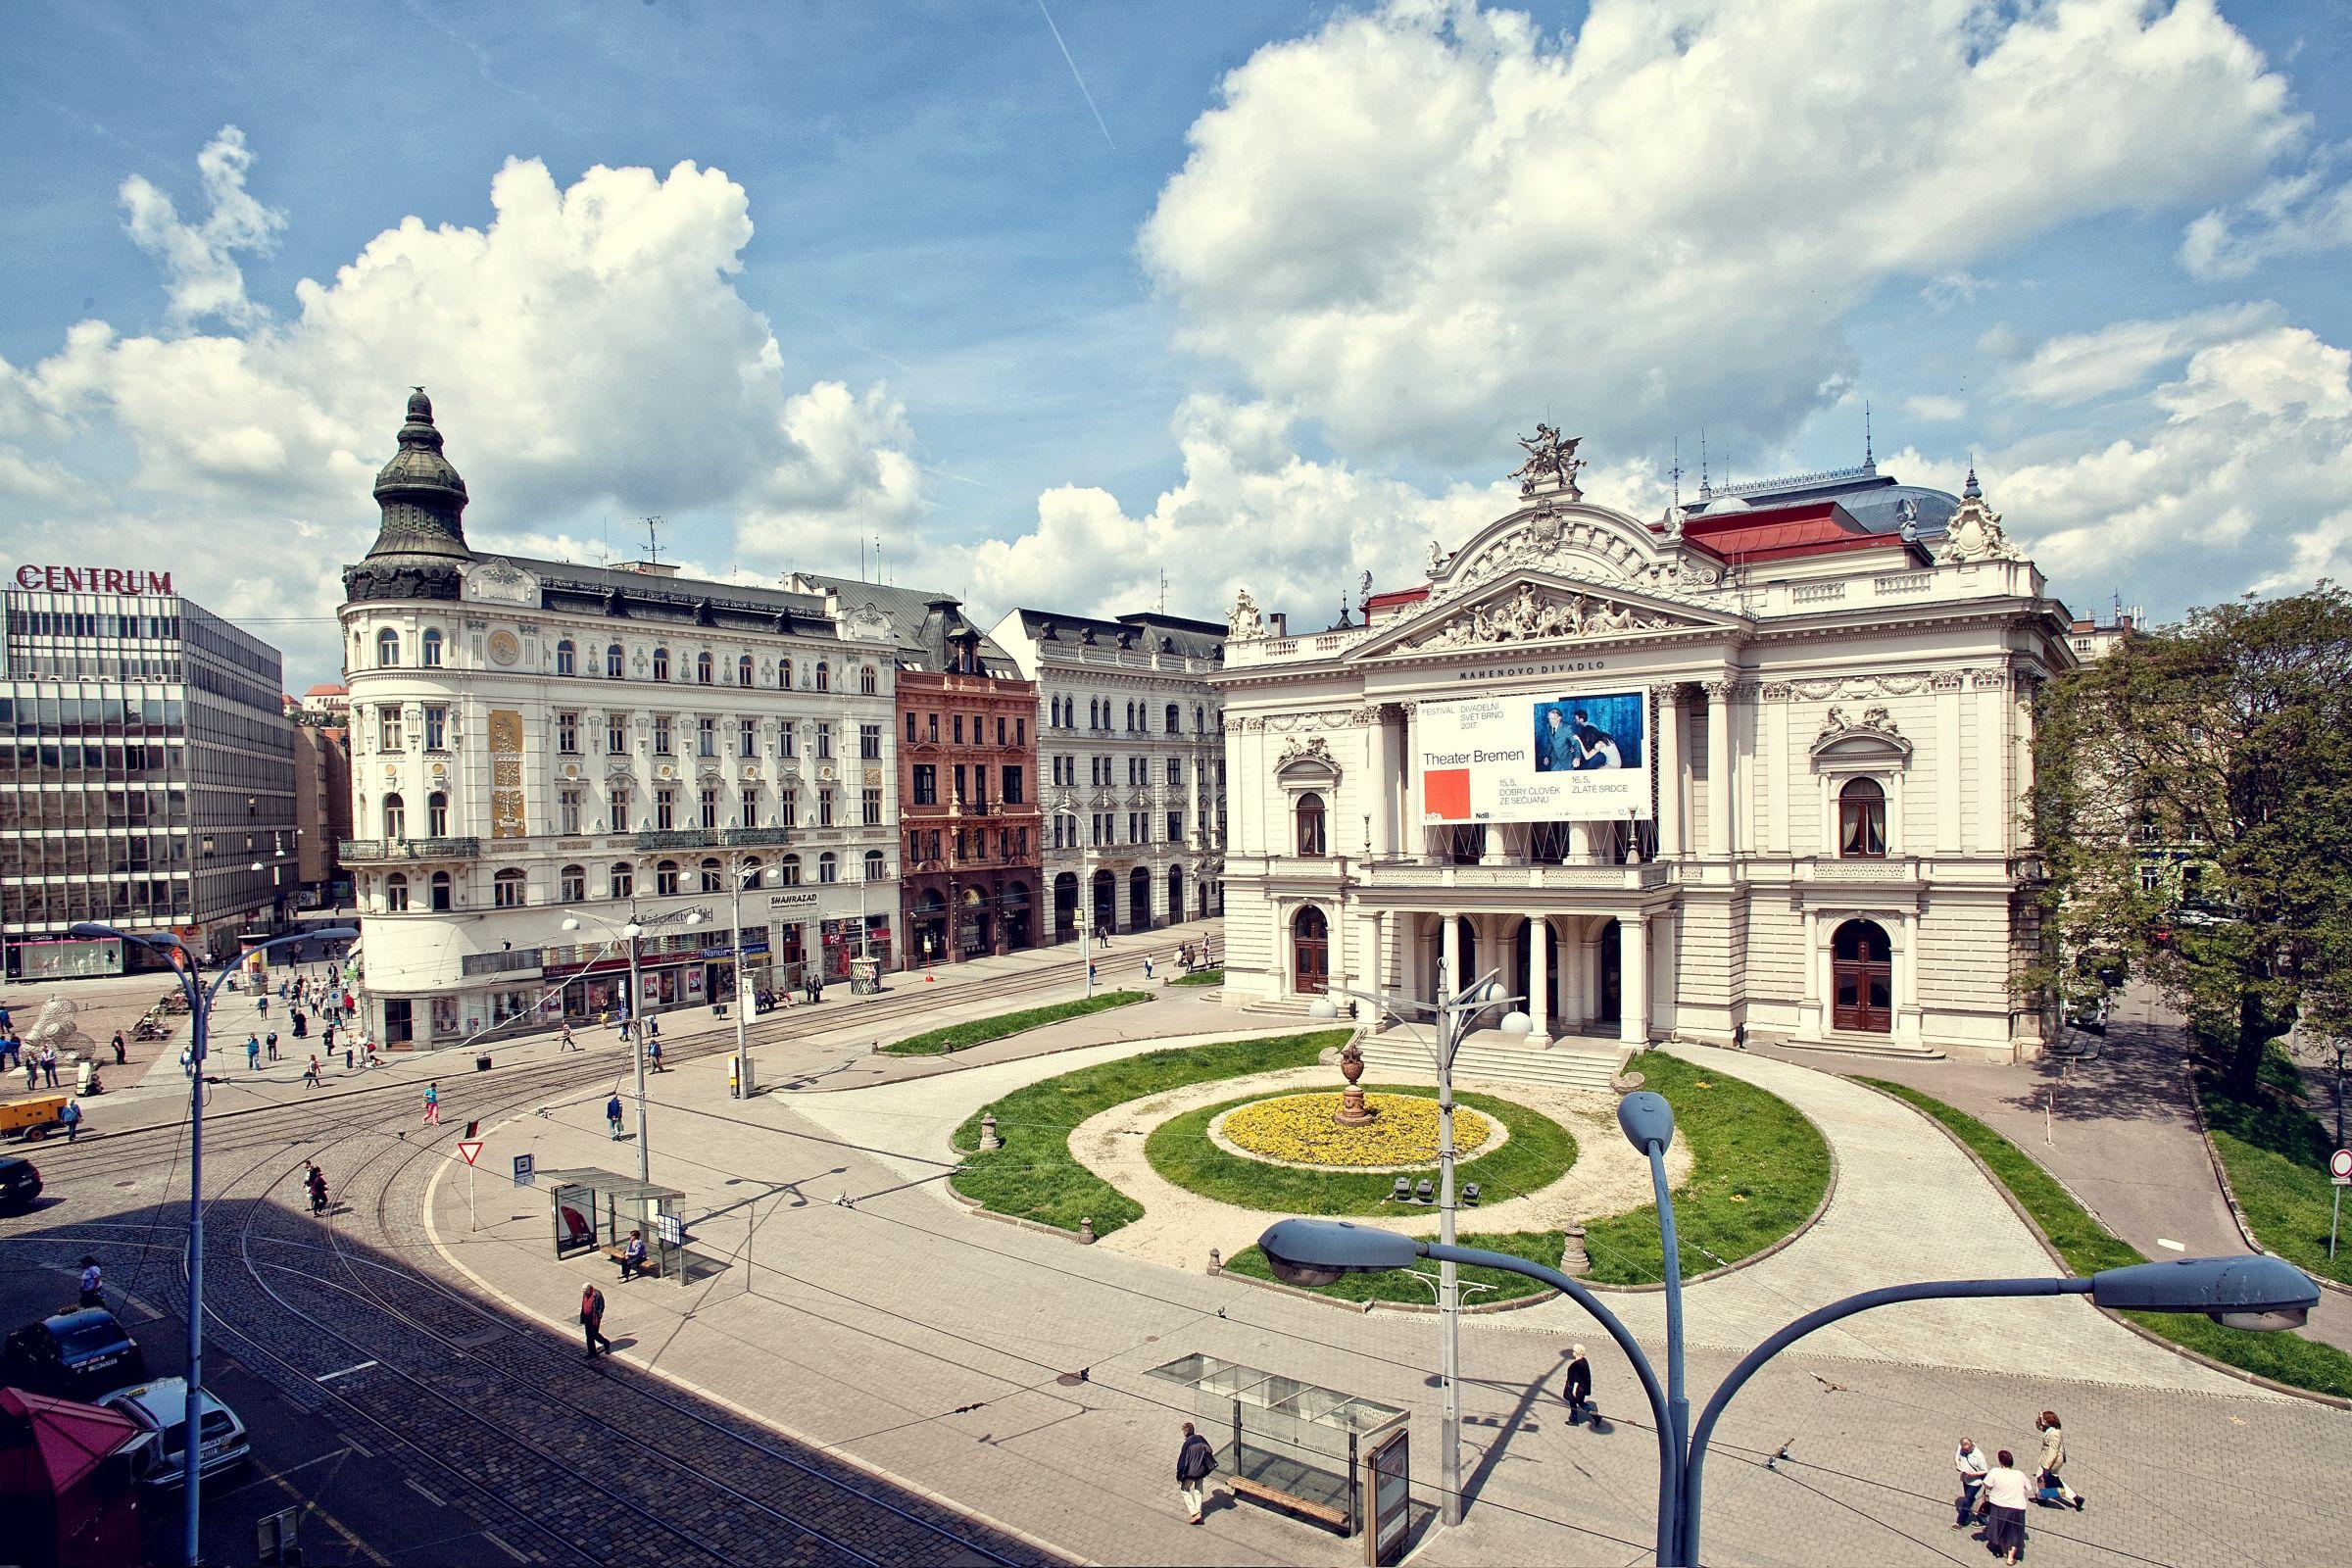 Malinovský Square (Malinovského náměstí) in Brno